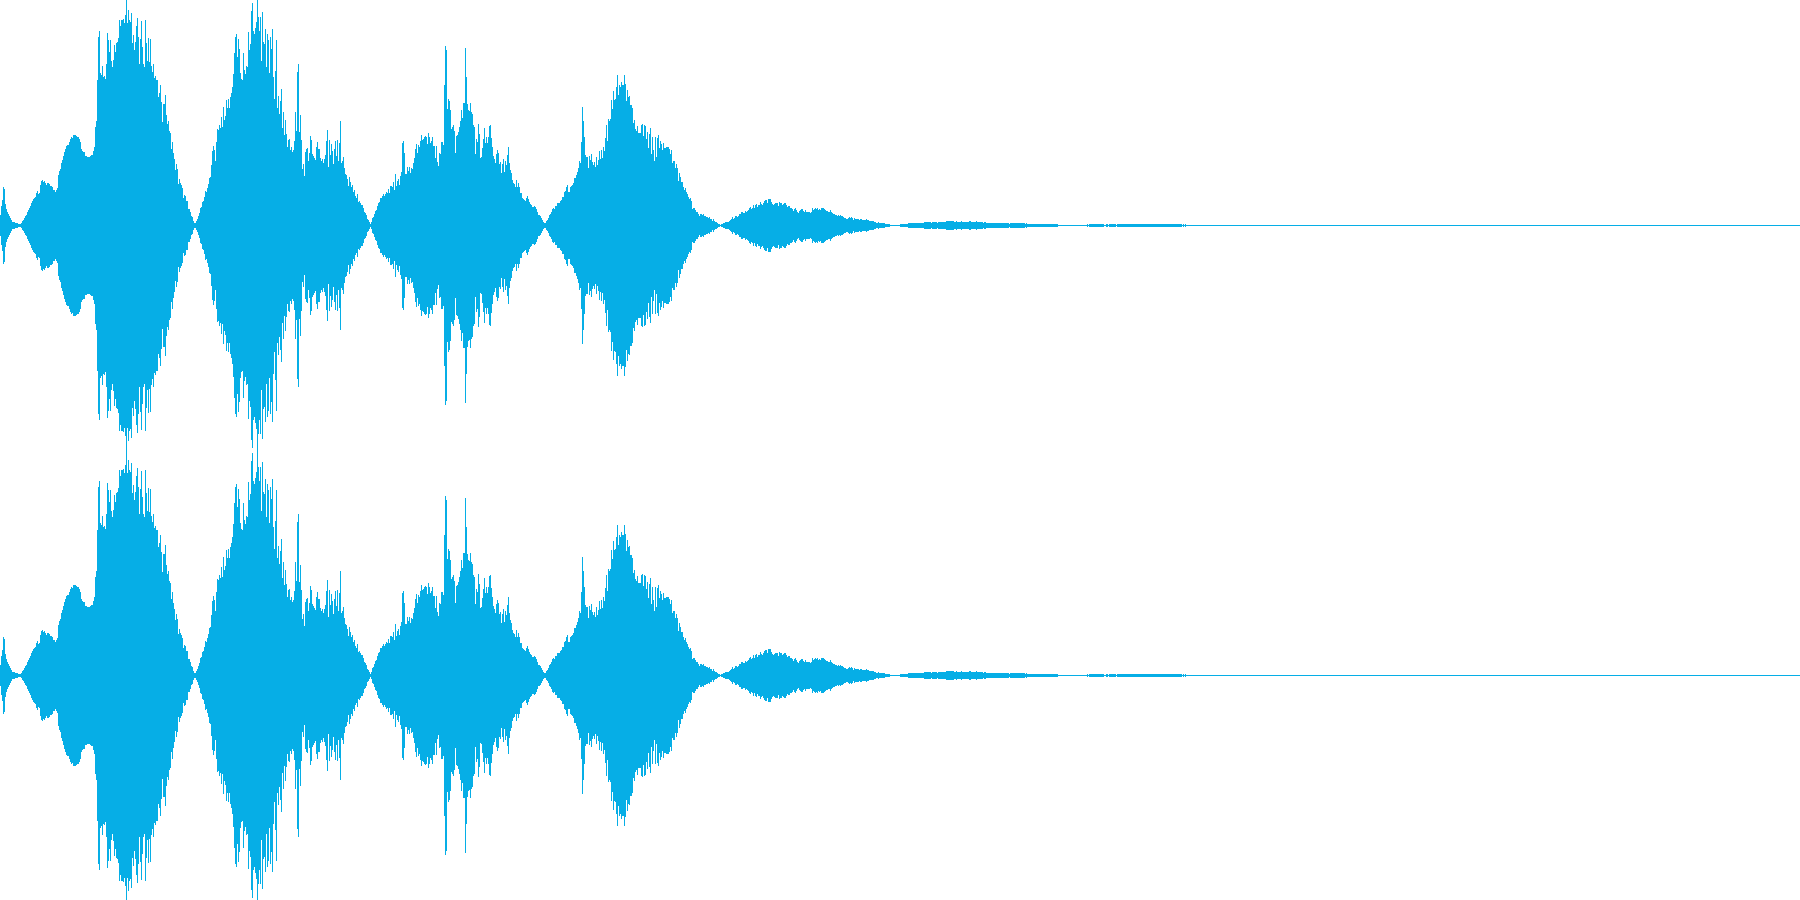 不気味な起動音1の再生済みの波形